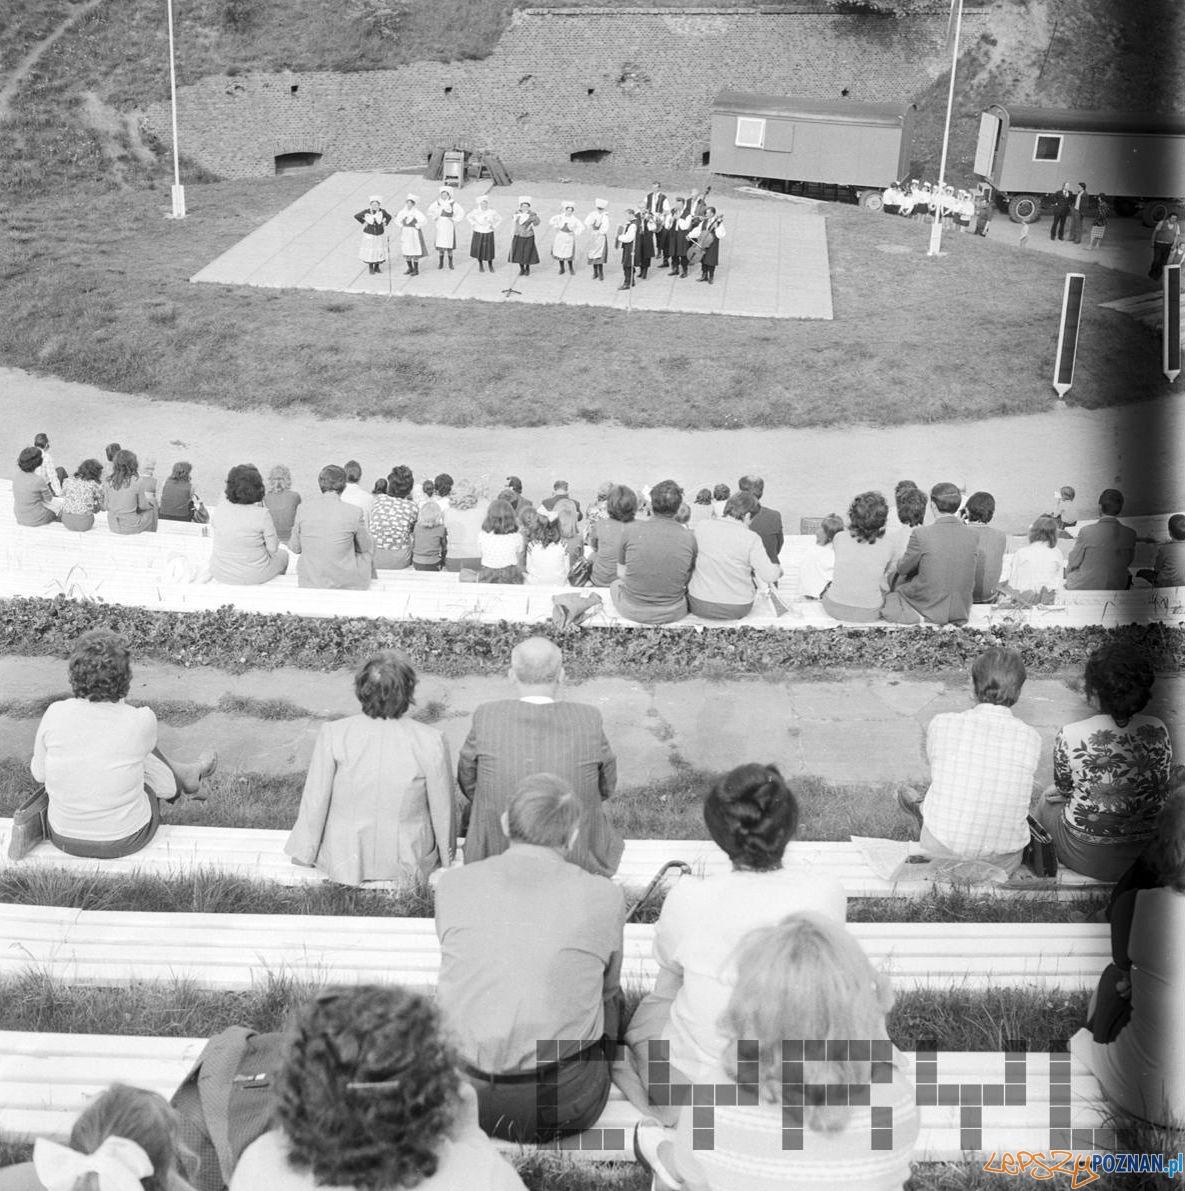 Amfiteatr Cytadela wystep 30 lat Gazeta Poznanska 10.05.75  Foto: Stanisław Wiktor / Cyryl